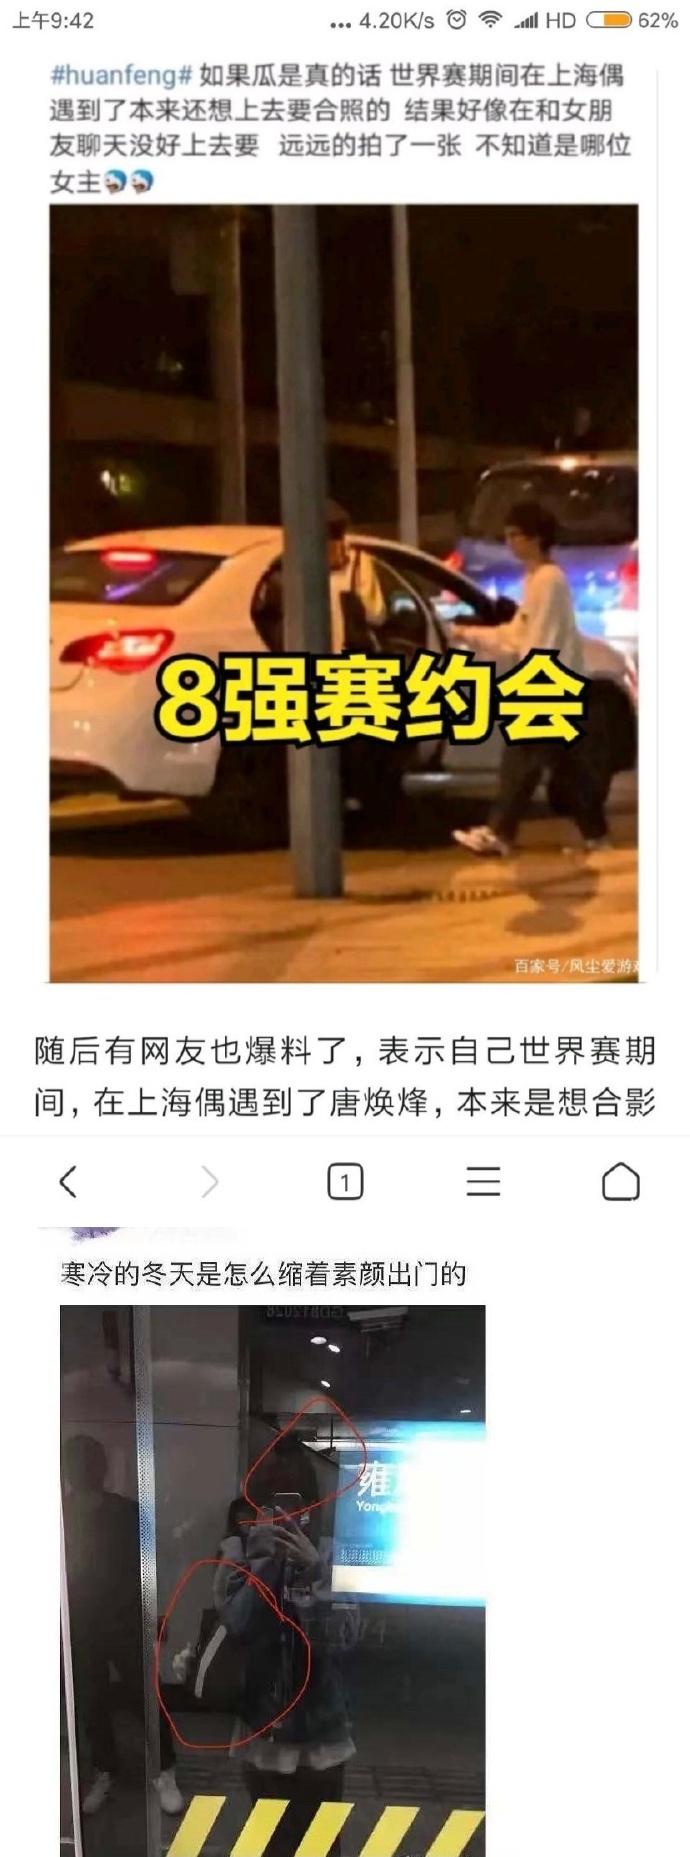 Sốc: Huanfeng bị tố cắm sừng bạn gái, đang đánh CKTG vẫn lén ra ngoài mây mưa với fan nữ - Ảnh 2.